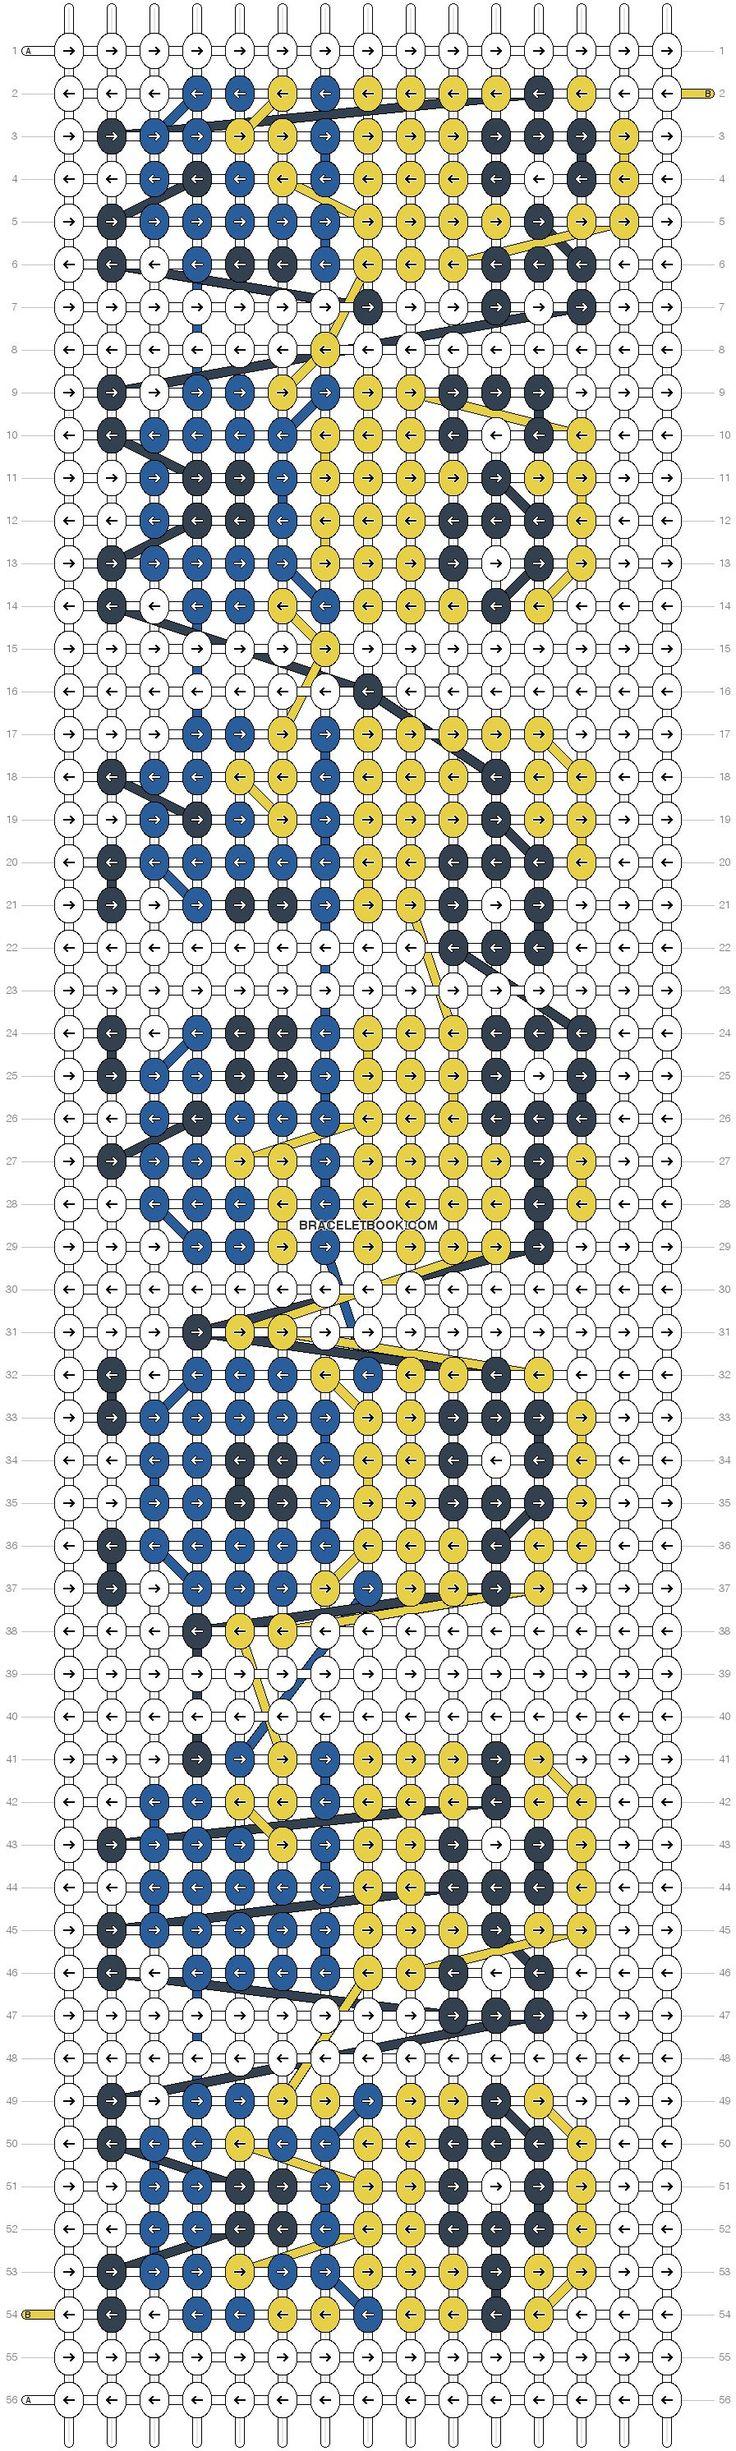 Имена схемы для браслетов из бисера